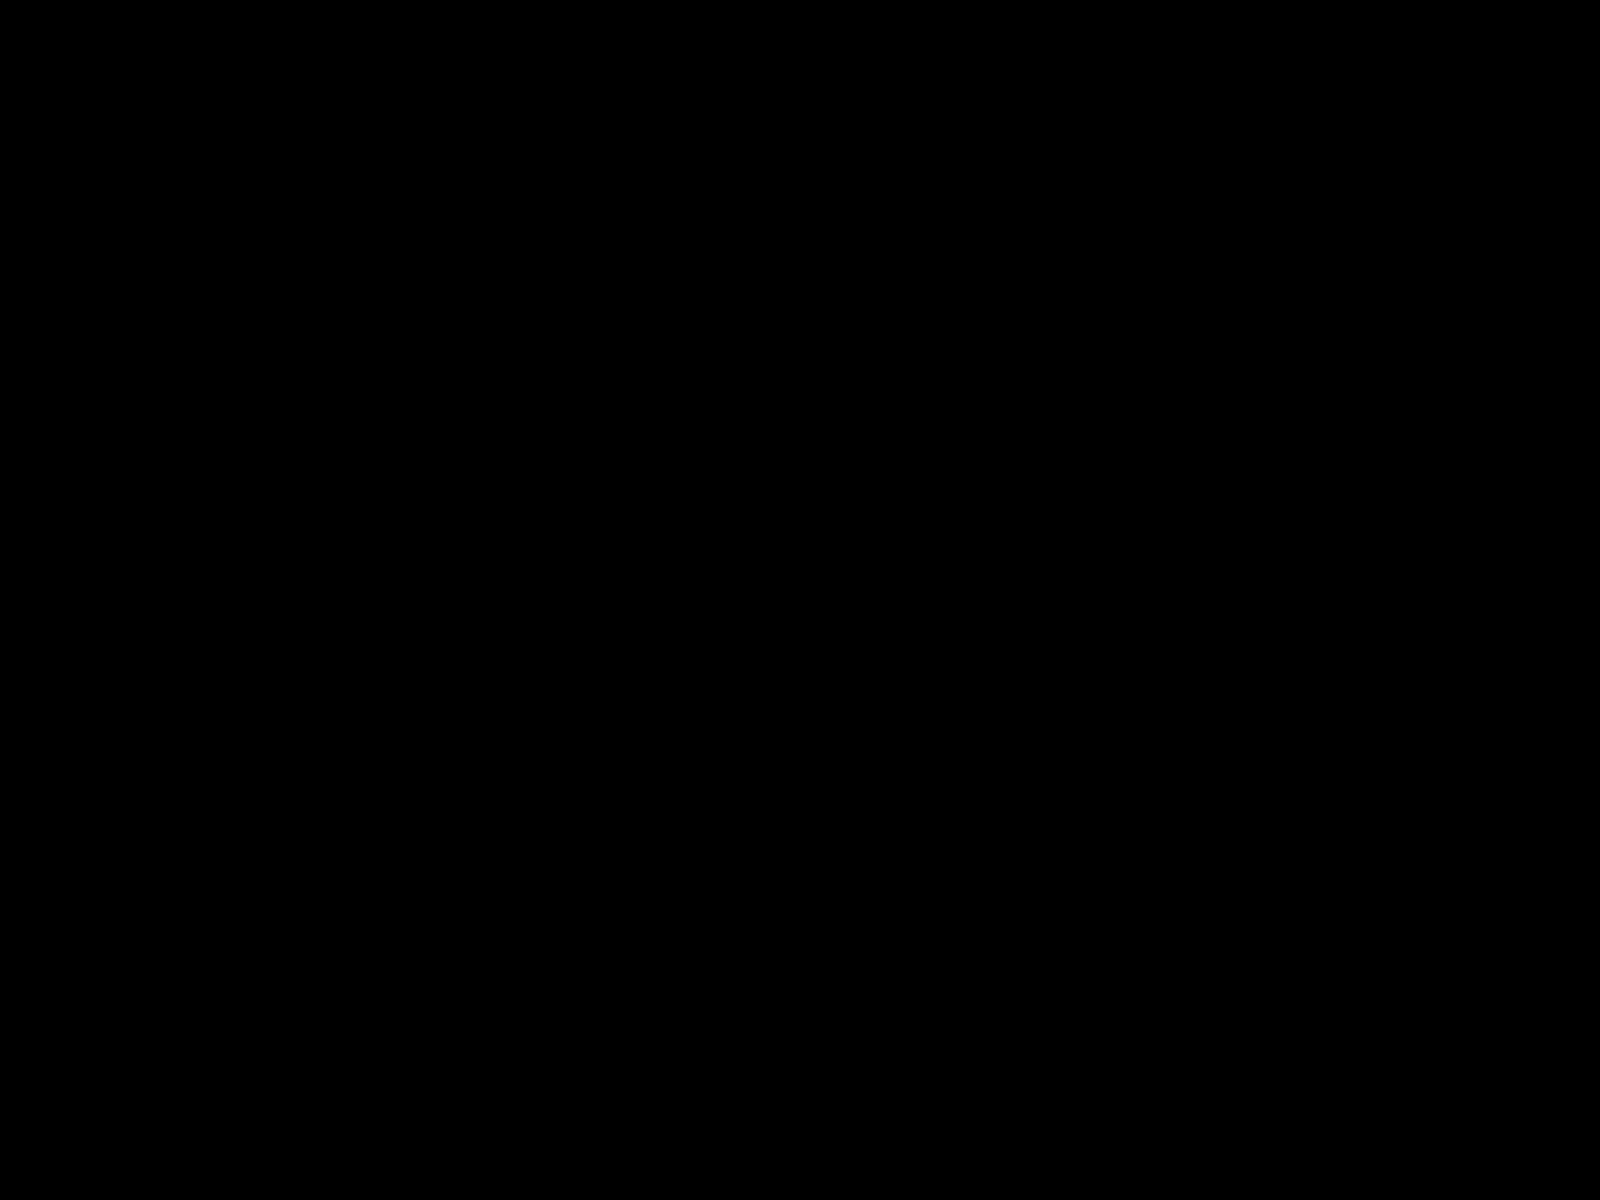 . PlusPng.com Airbnb Logo Black Transparent PlusPng.com  - Airbnb Vector PNG